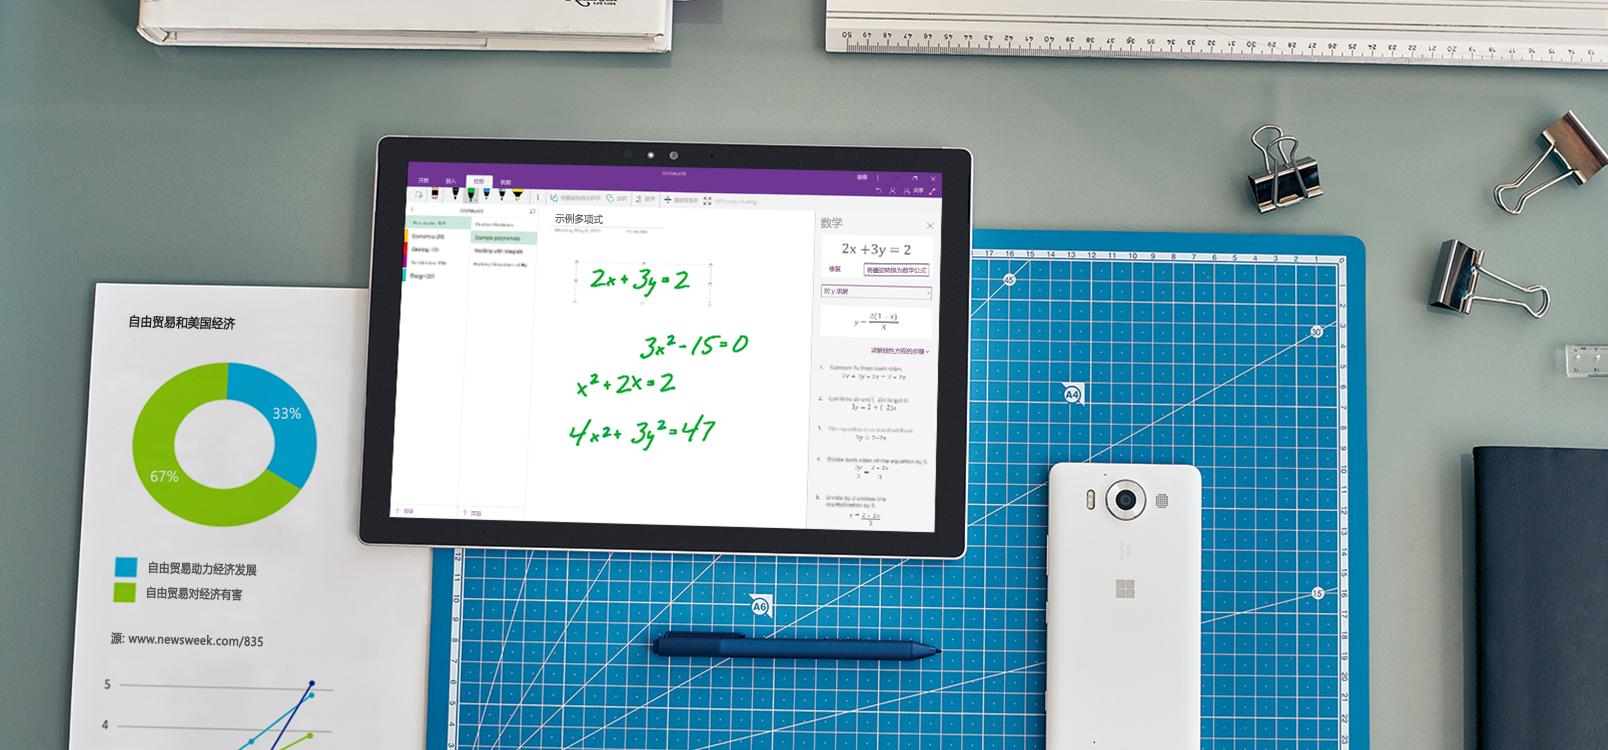 平板电脑屏幕,显示使用墨迹转换数学助手的 OneNote